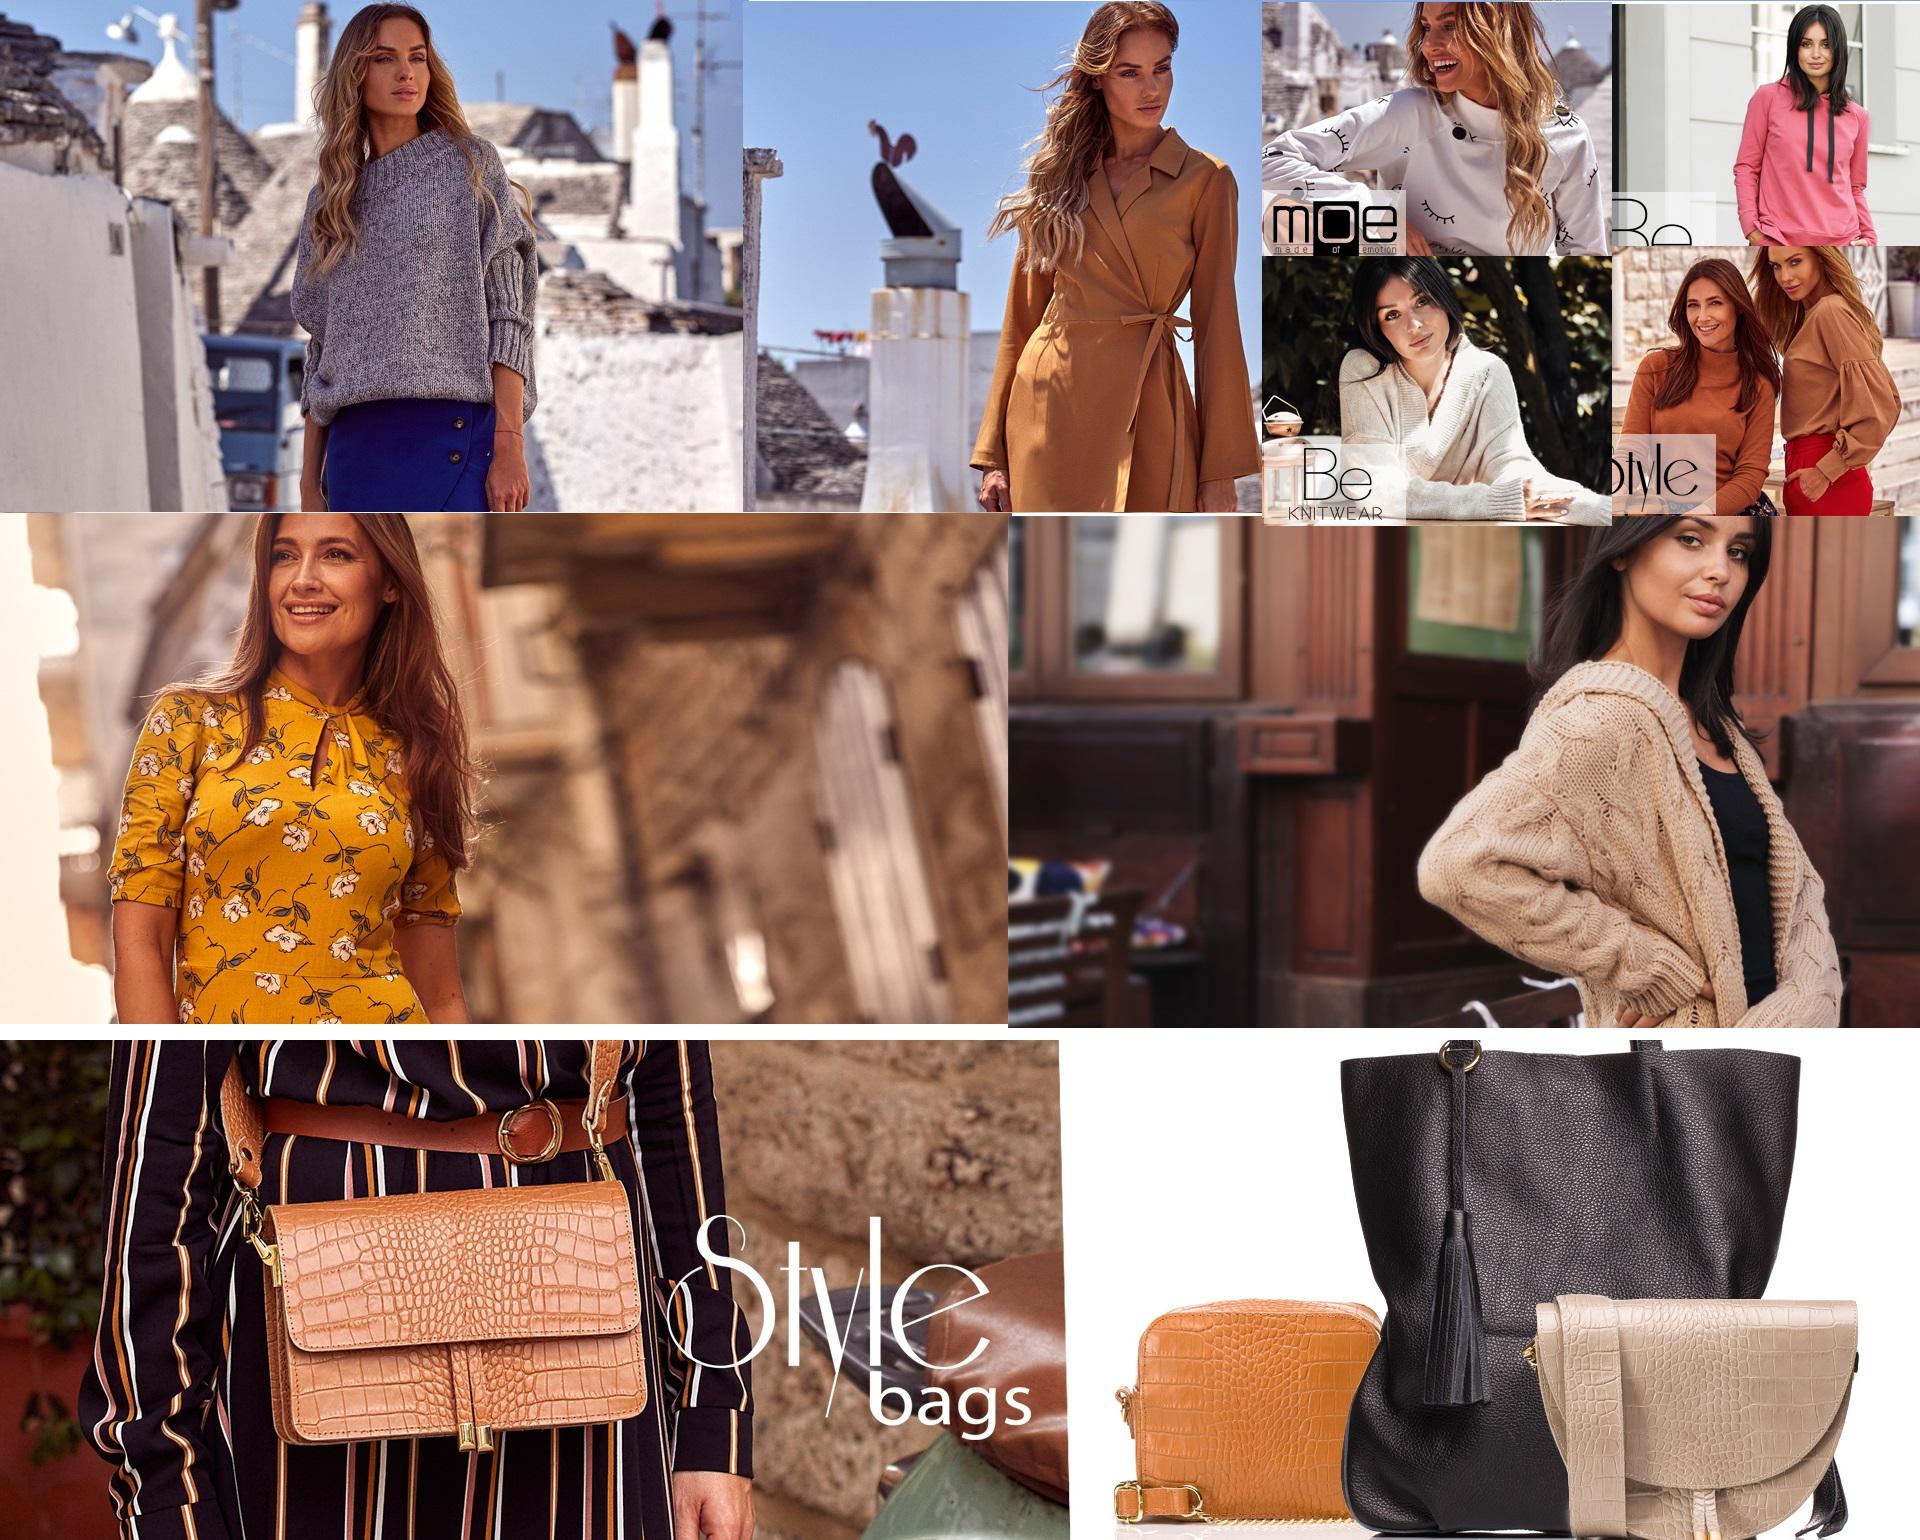 Dámská kvalitní móda za super ceny. Dámské Šaty Oblečení Doplňky